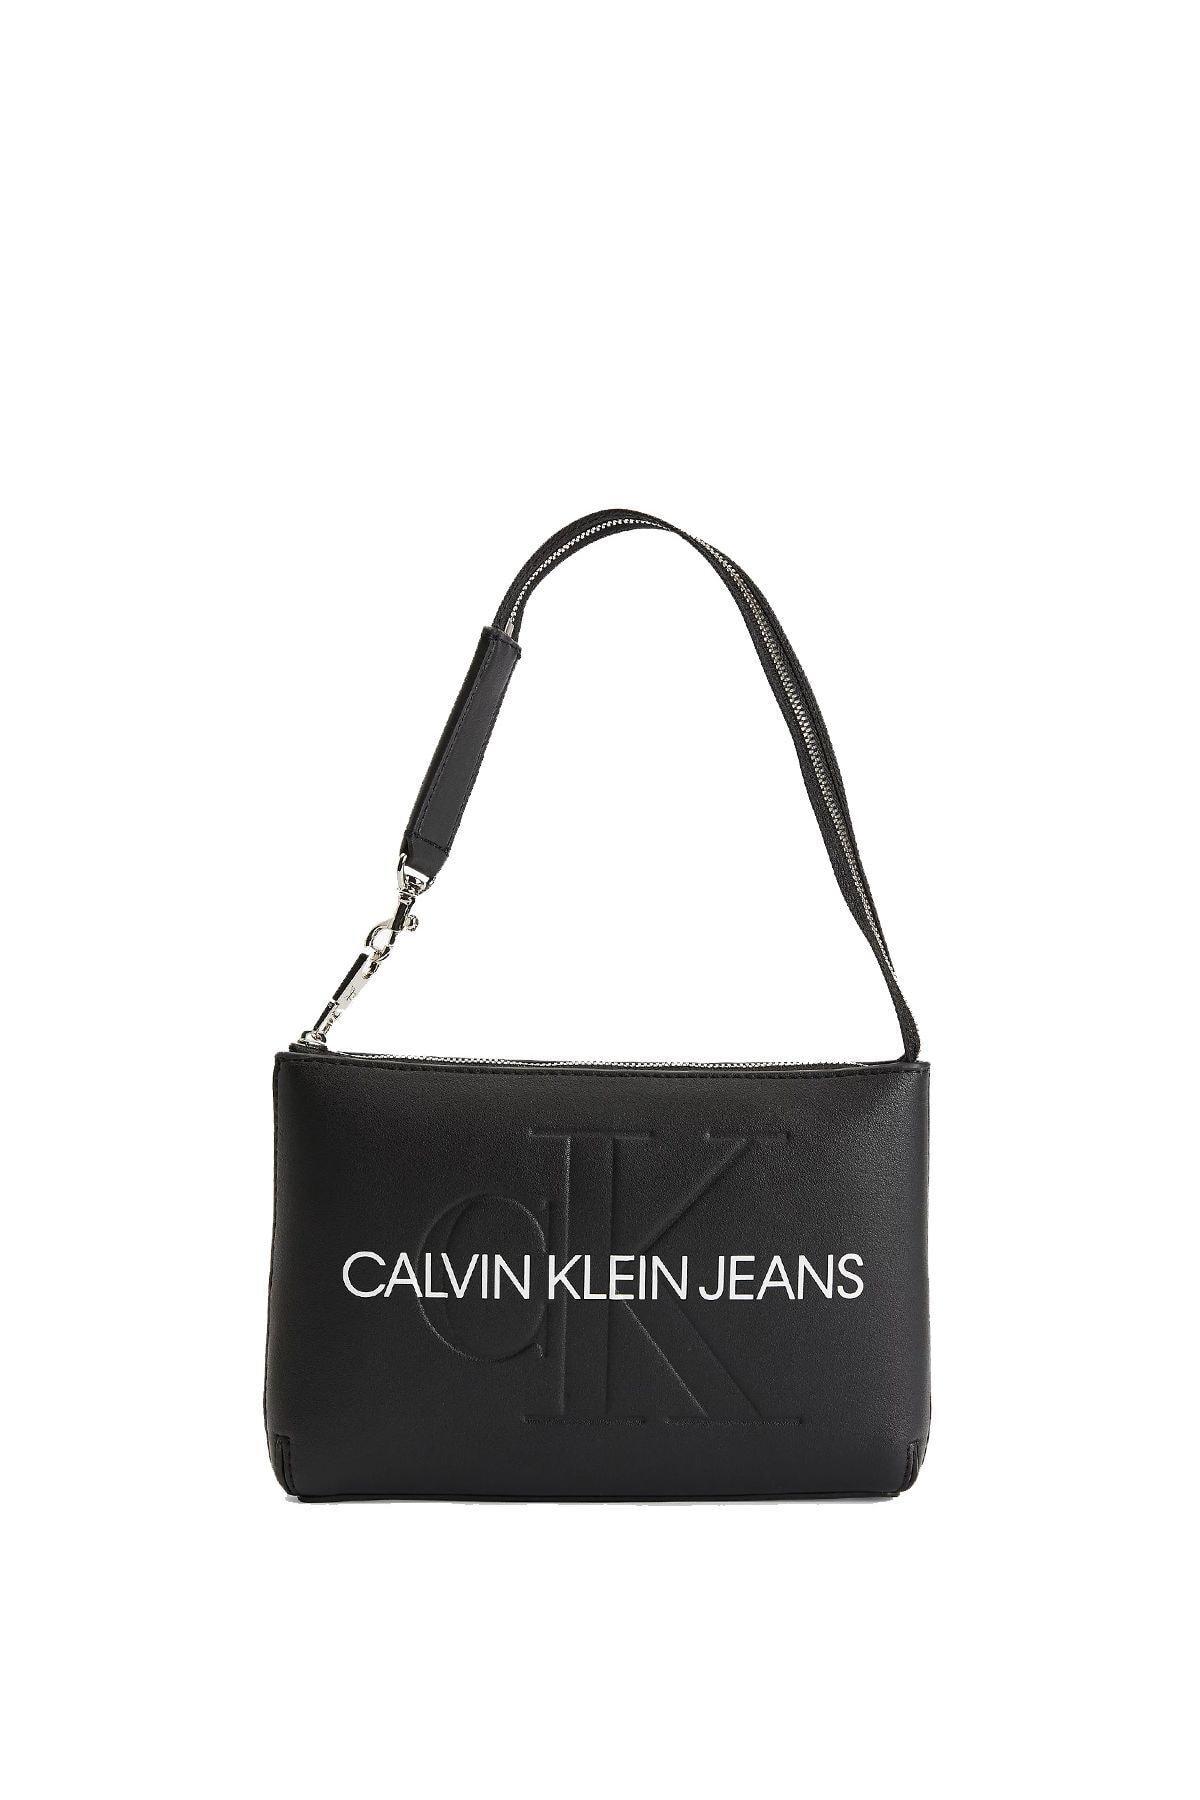 Calvin Klein Kadın Ckj Sculpted Mono Kadın Omuz Çantası K60k607462 1